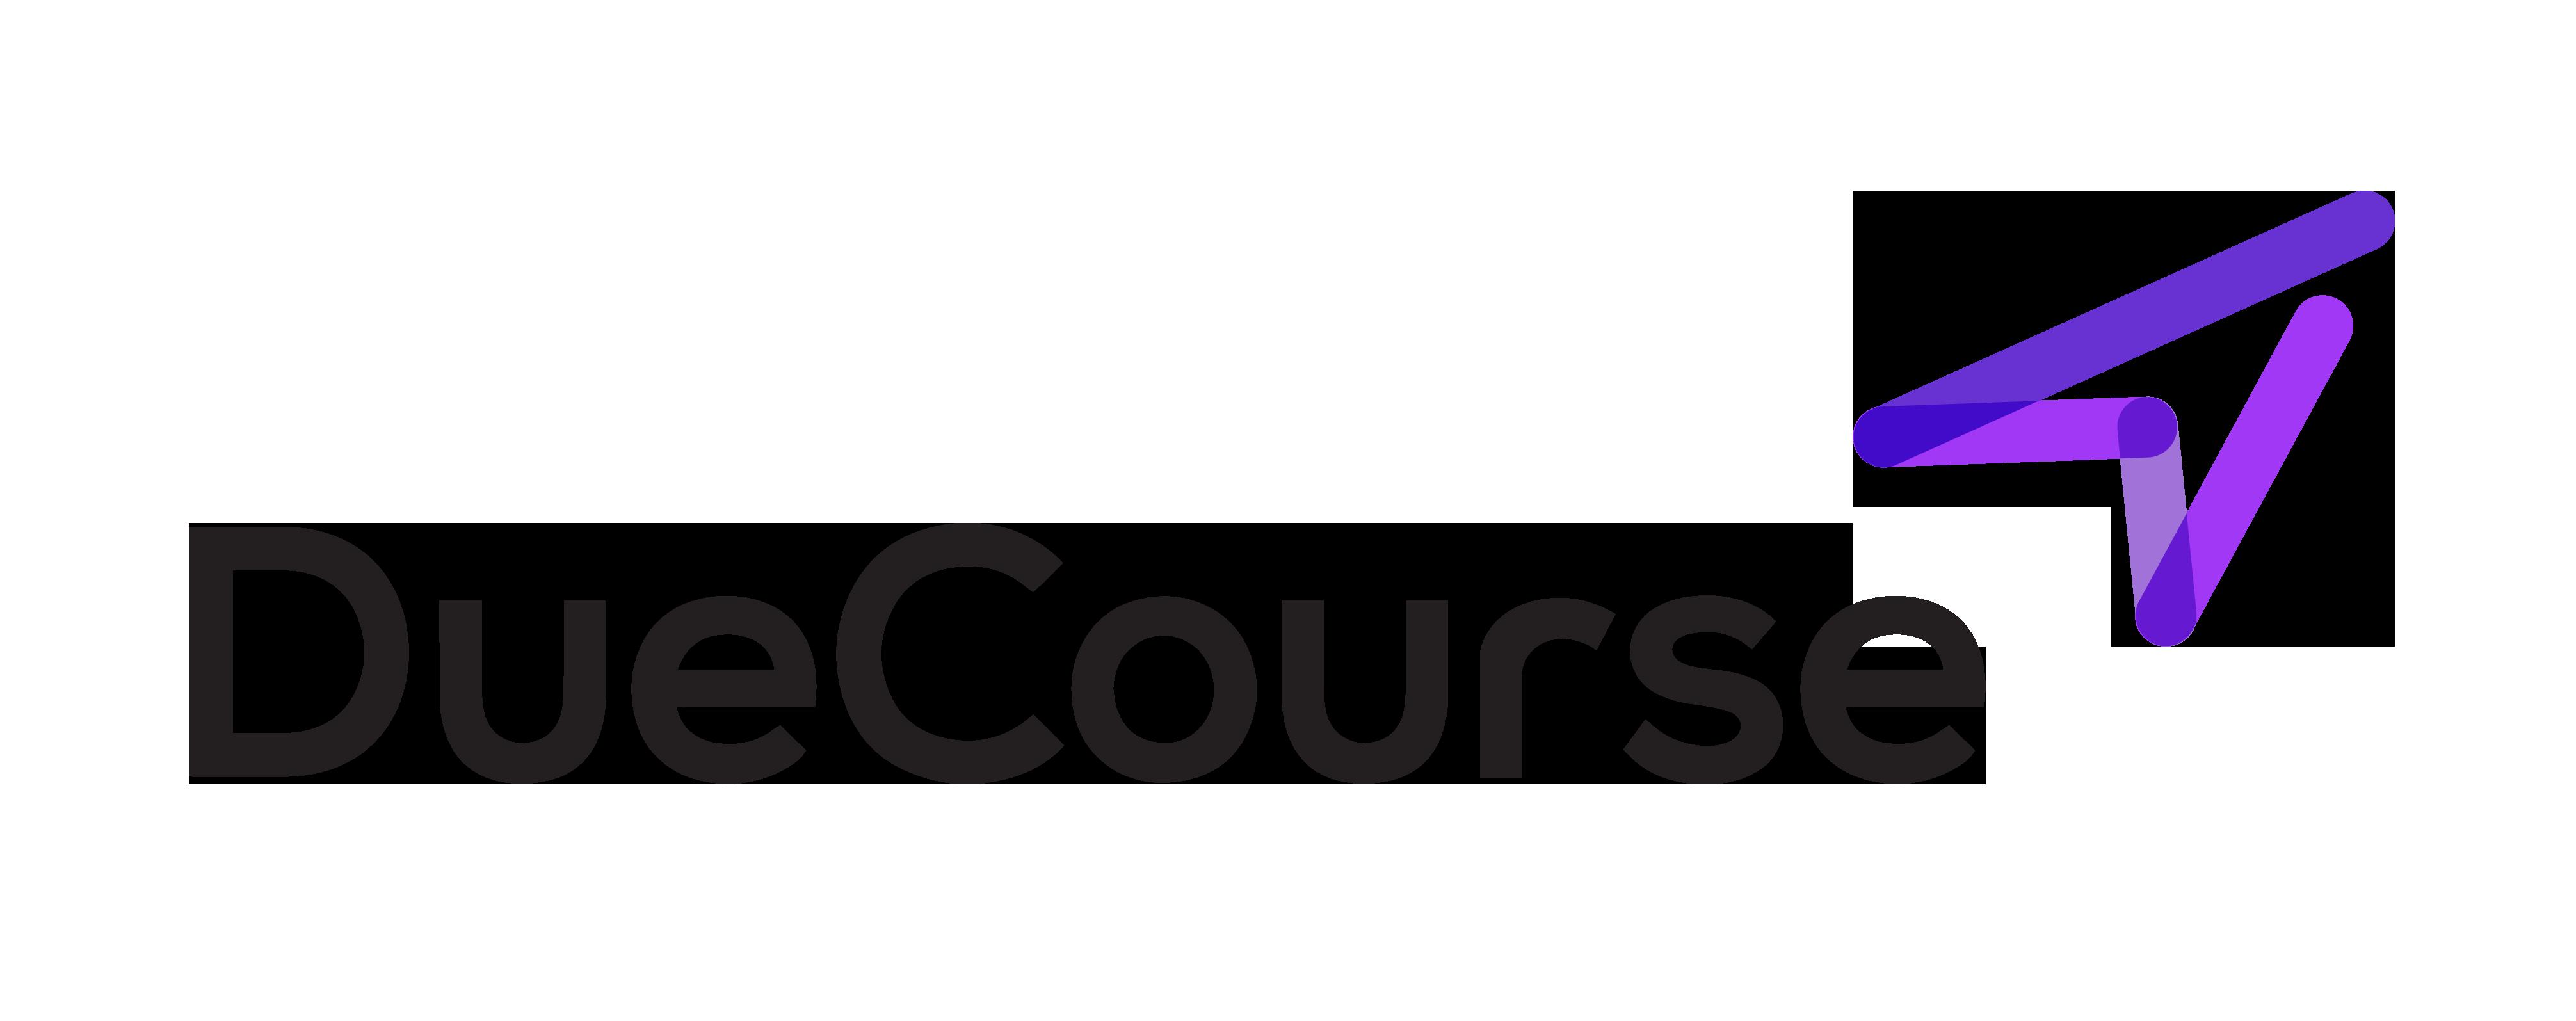 DueCourse Makes Key Management Changes